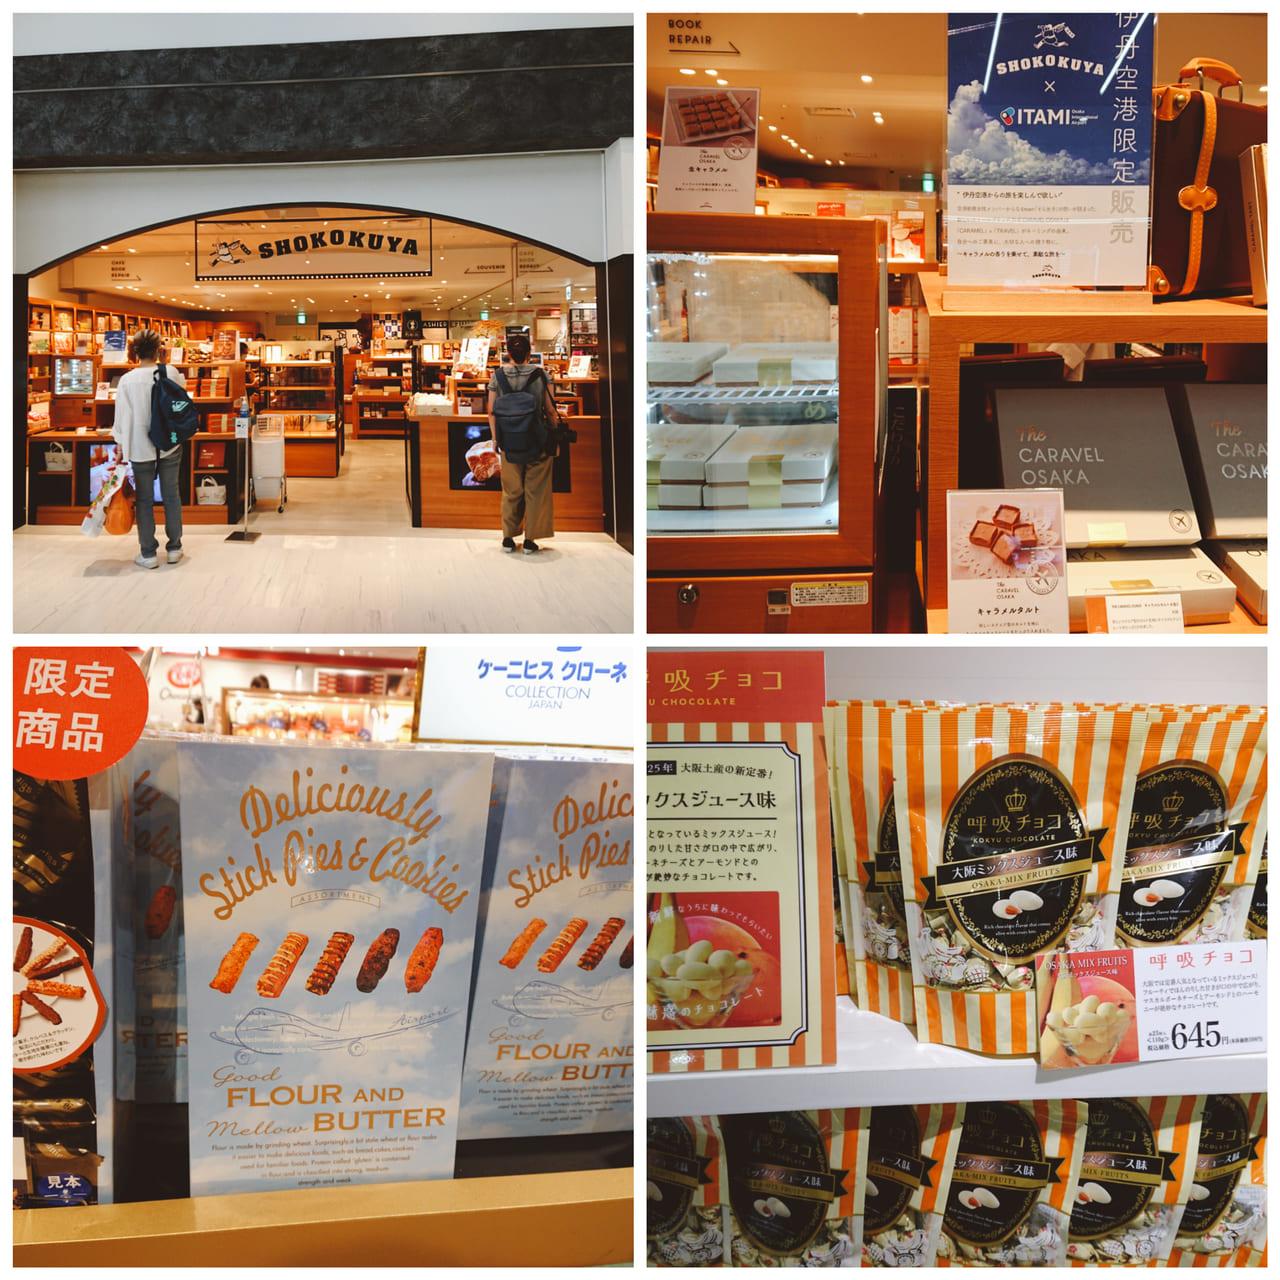 大阪国際空港の限定商品